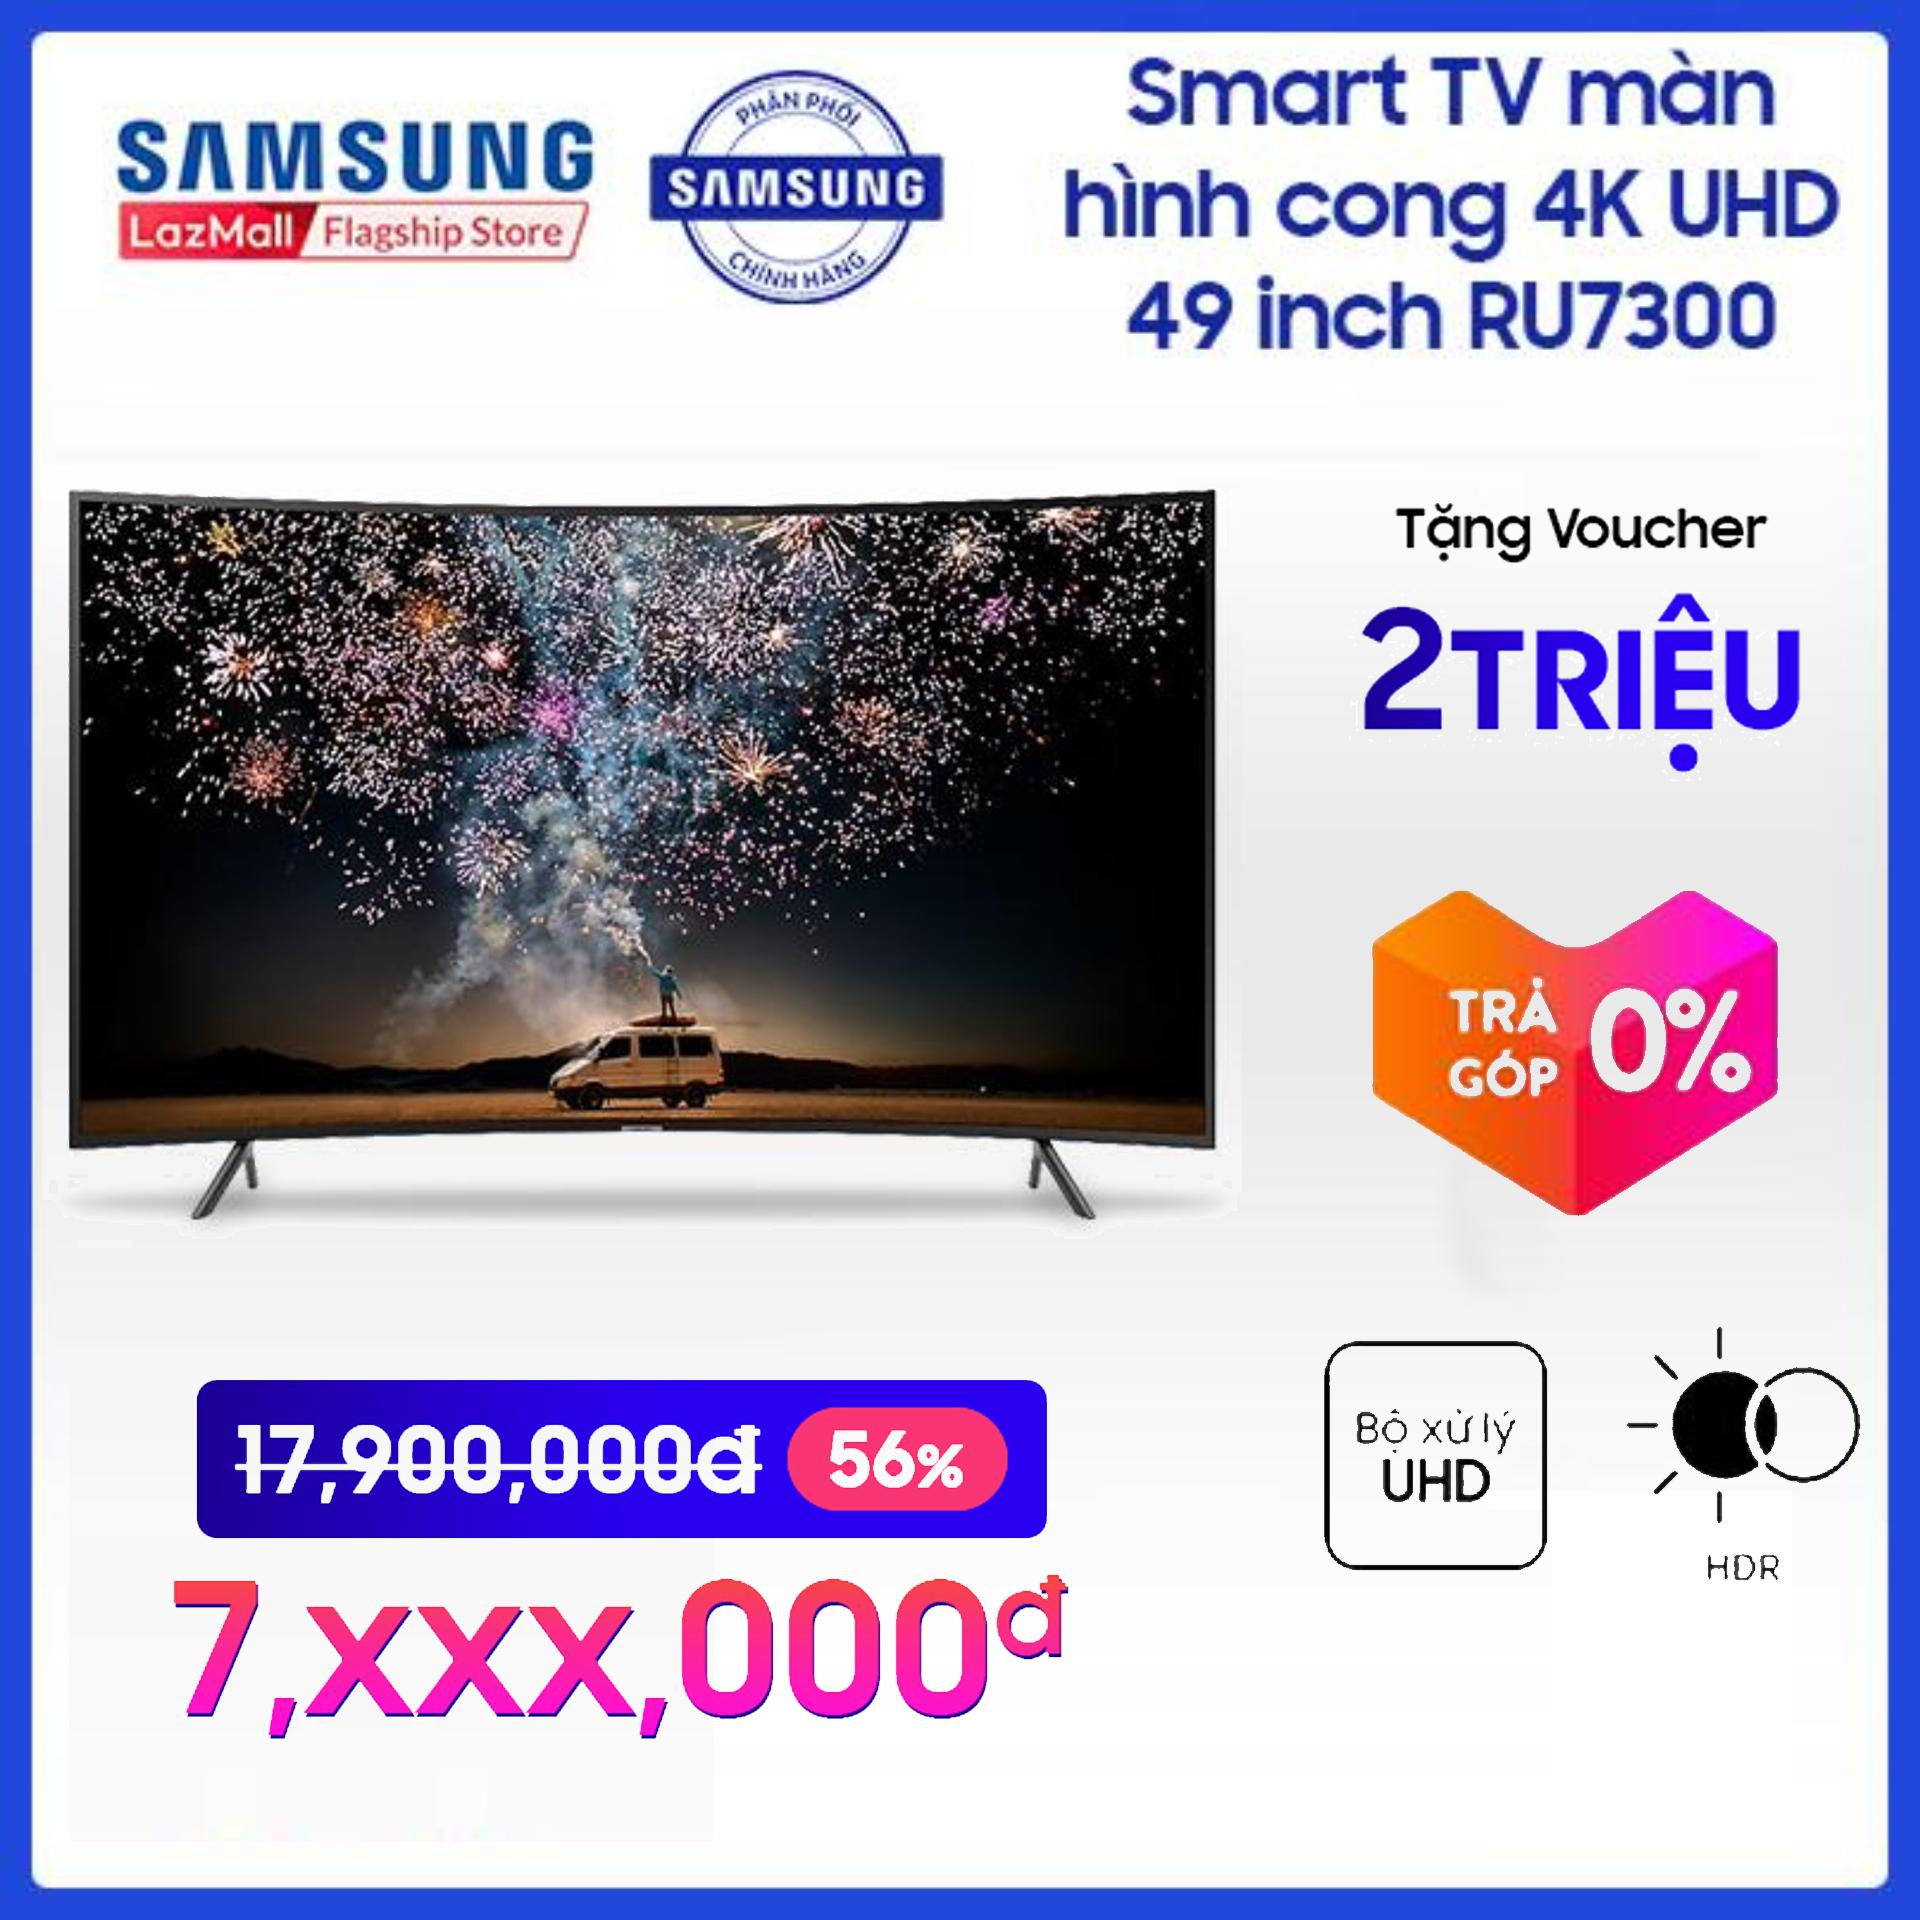 Voucher Khuyến Mãi Smart TV Samsung Màn Hình Cong 4K UHD 49inch - Model UA49RU7300KXXV (2019) - Cải Tiến Màu Sắc PurColor + Bộ Xử Lý Hình ảnh 4K UHD HDR - Hàng Phân Phối Chính Hãng